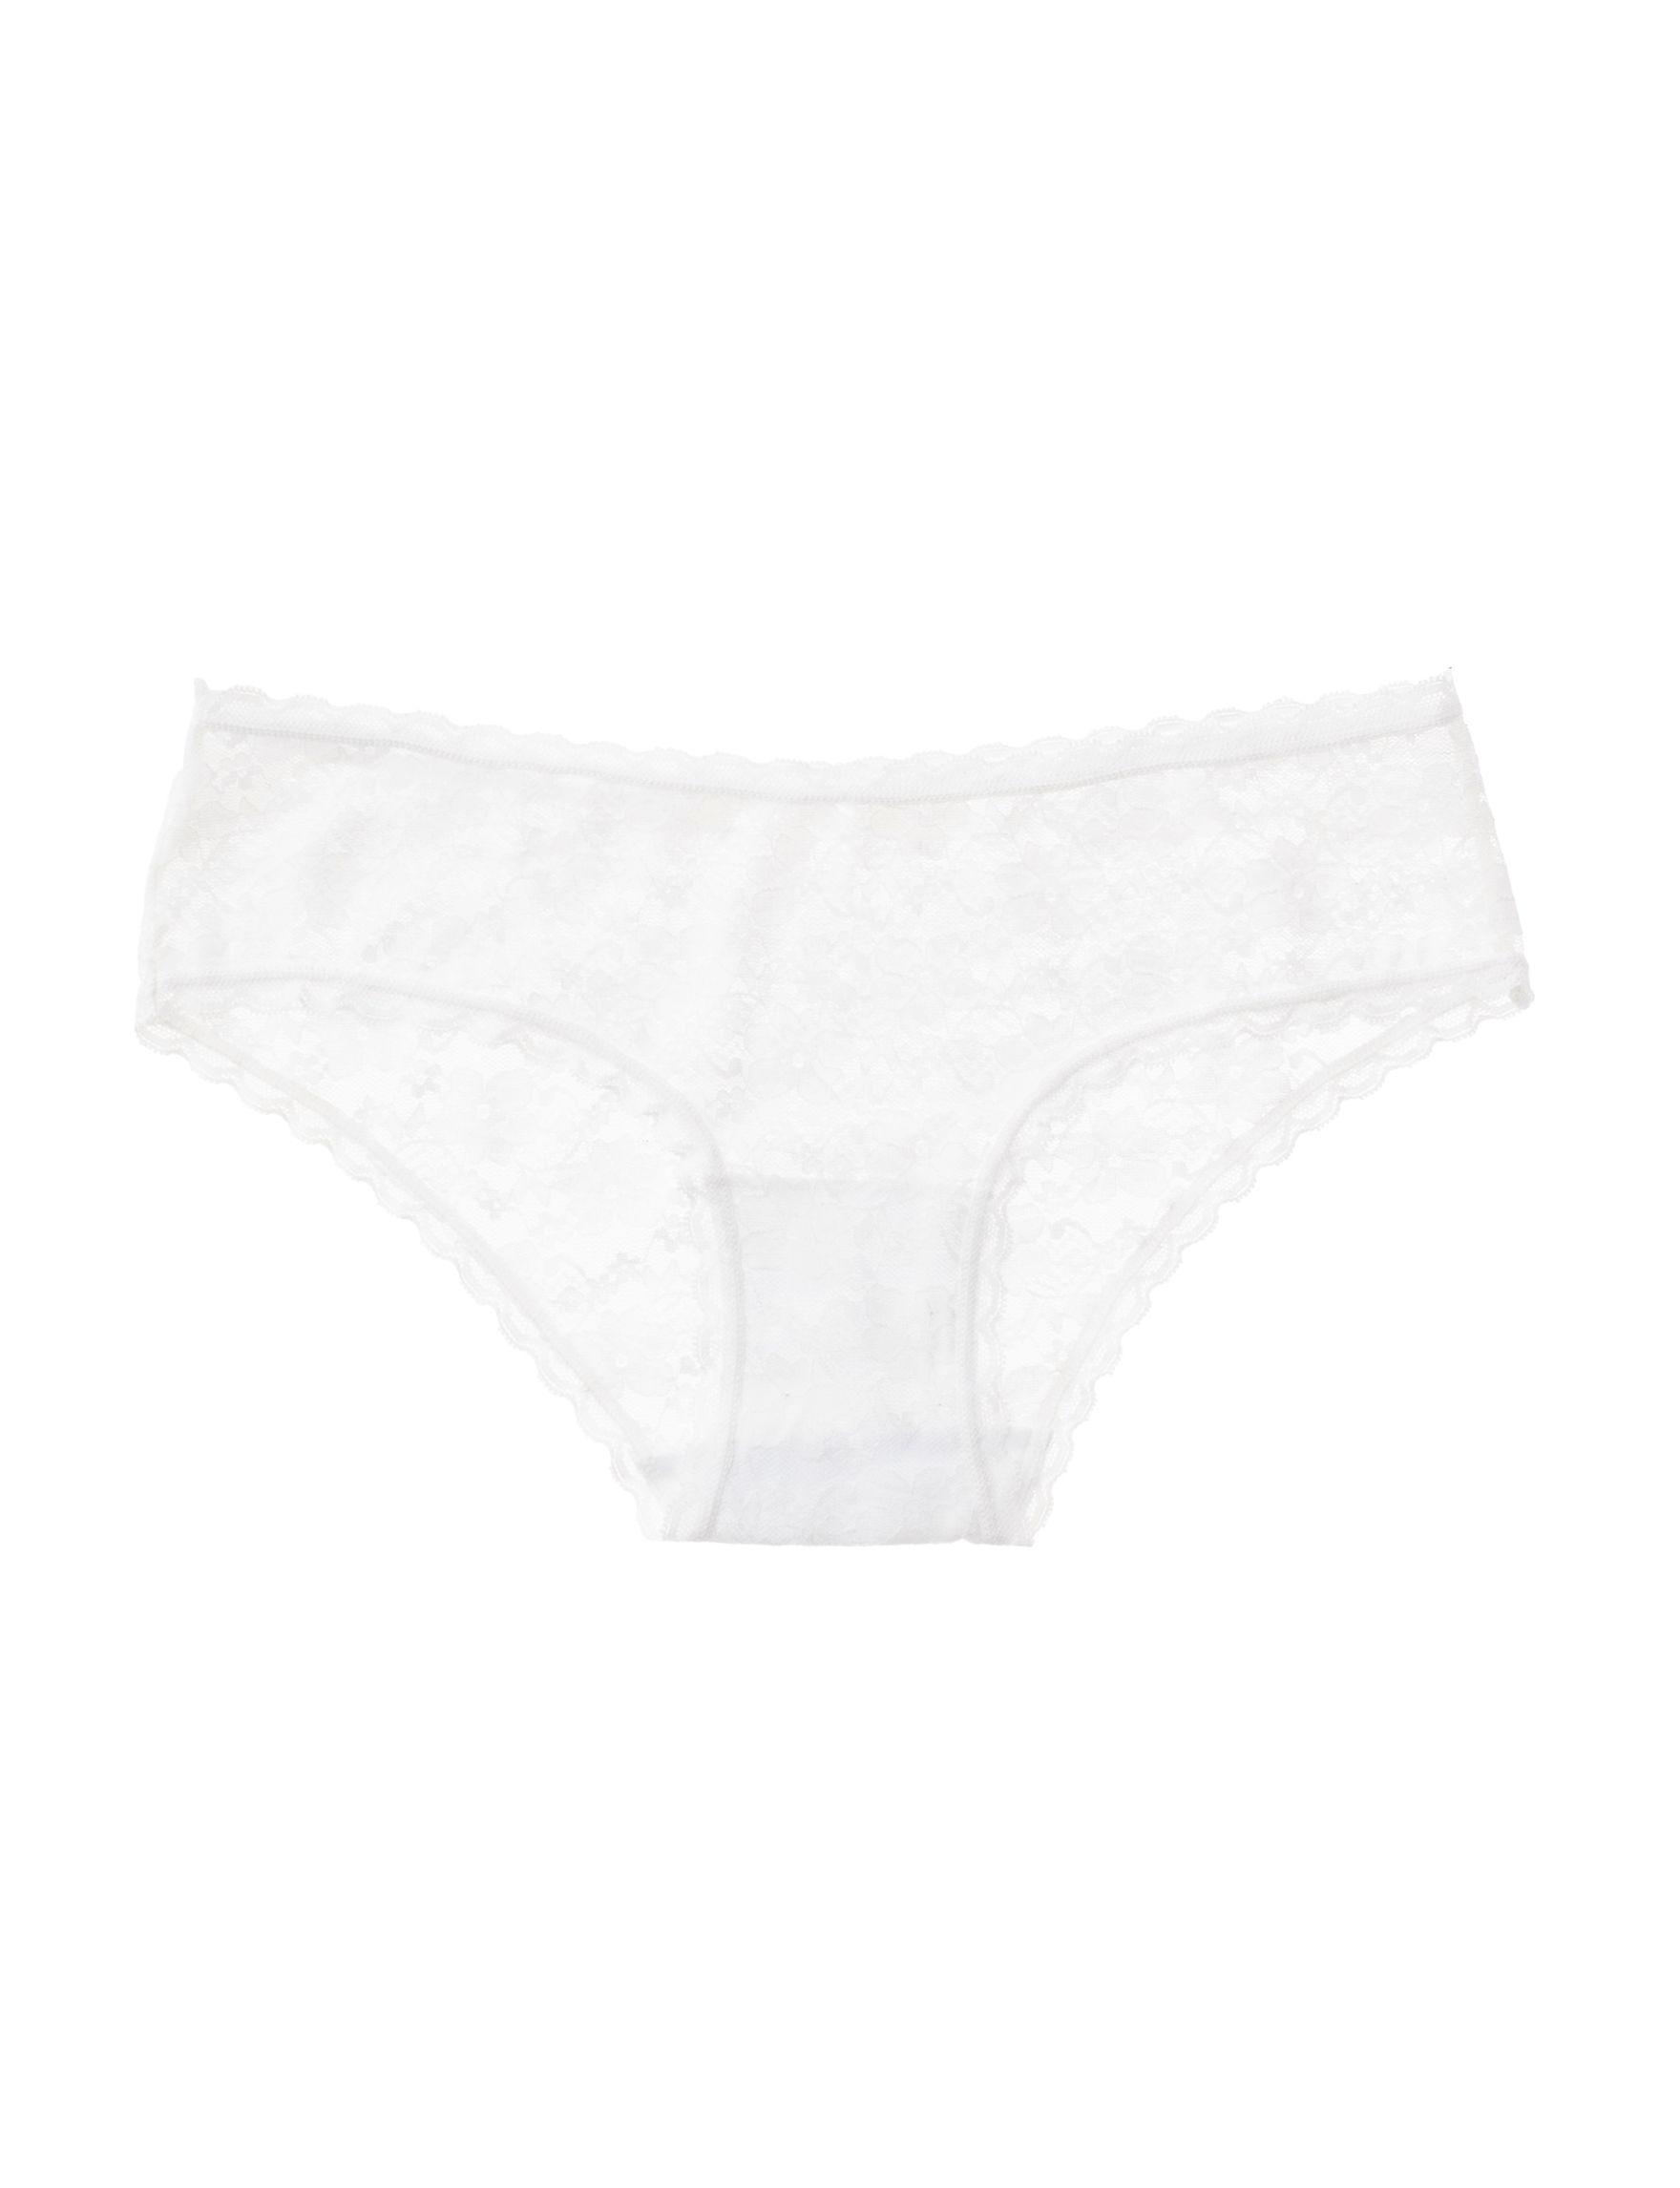 B Intimates White / Grey Panties Hipster